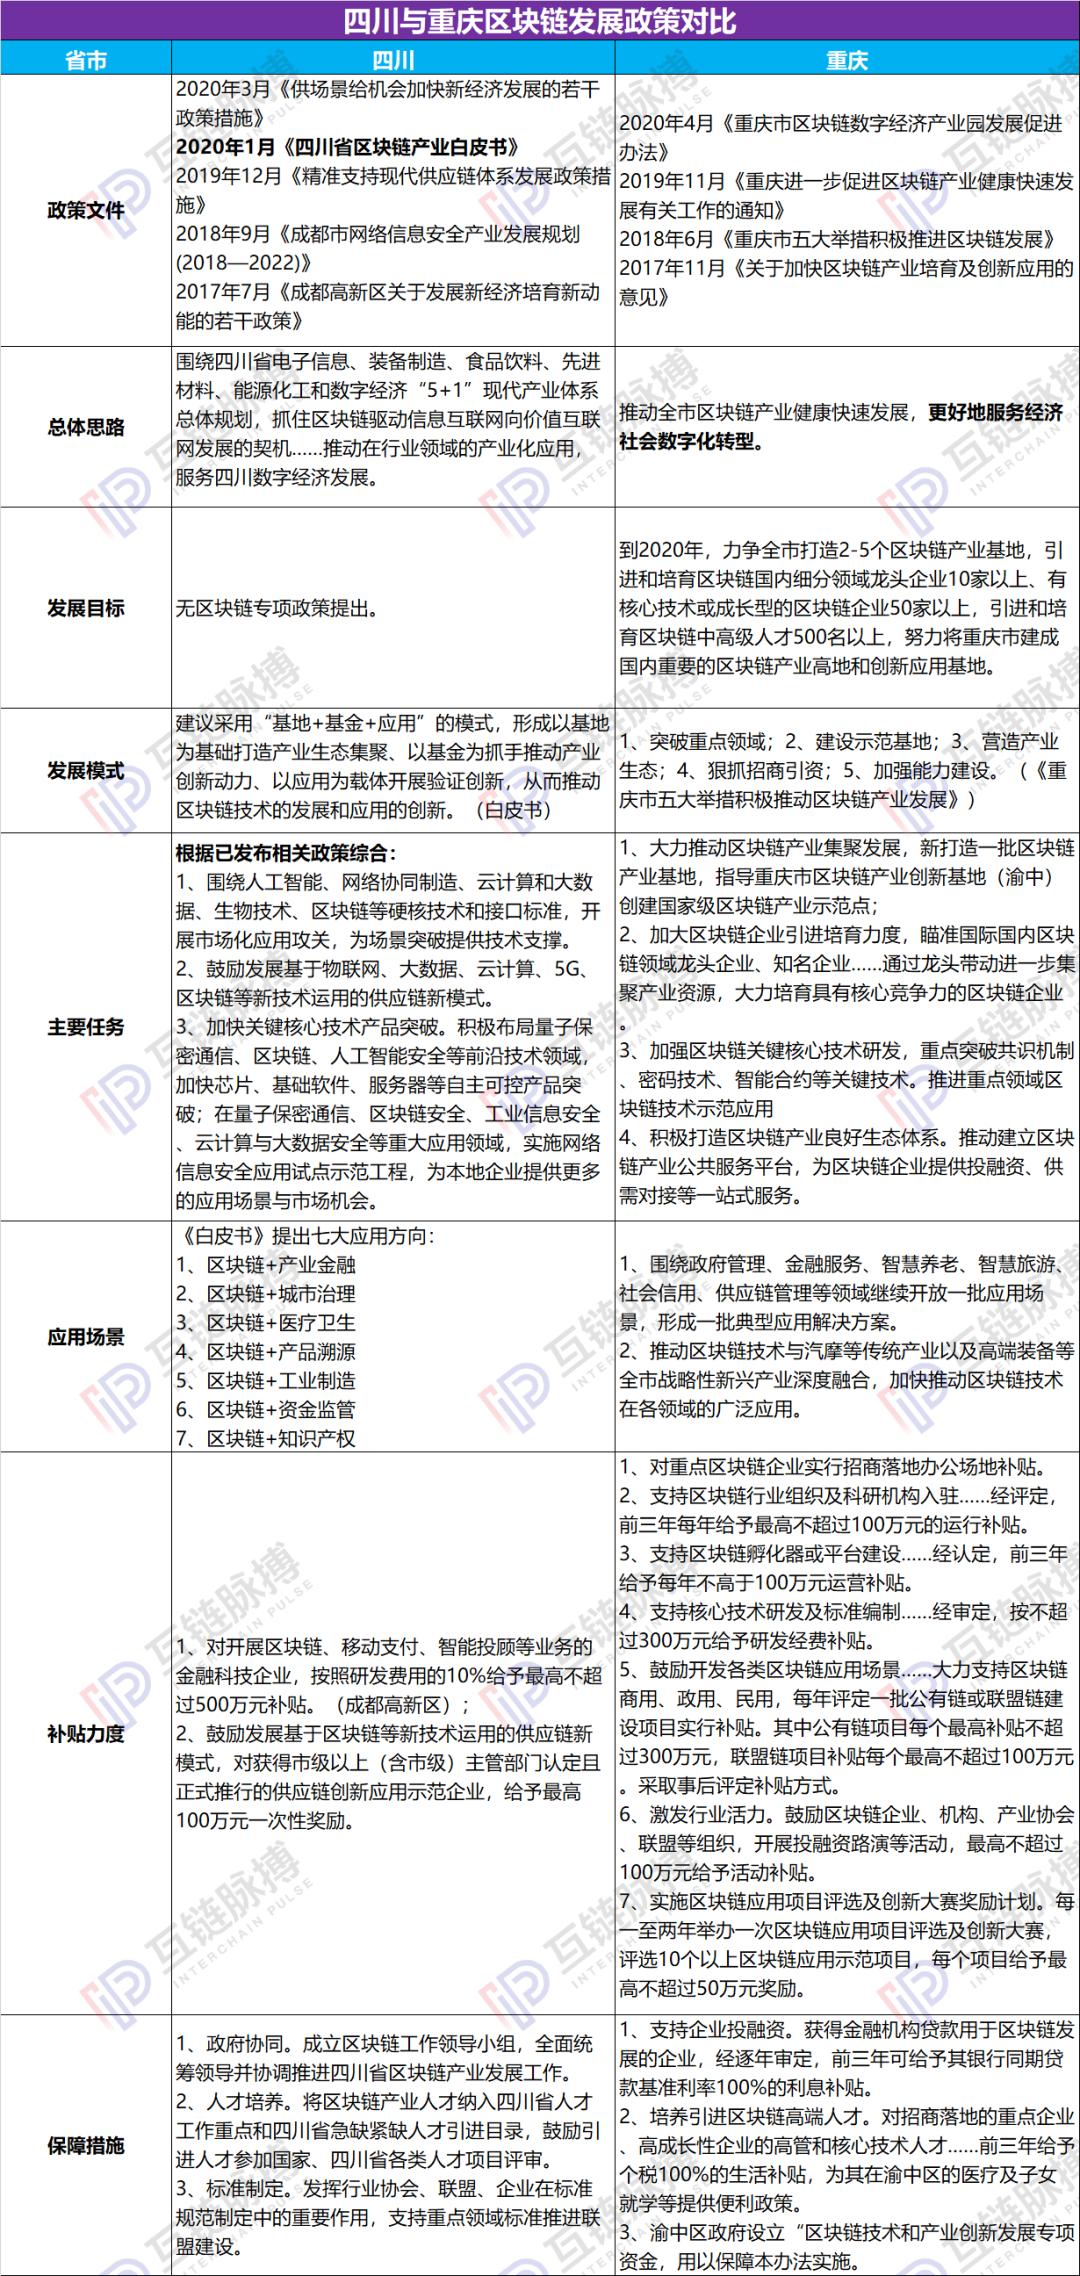 """川渝区块链发展政策对比:重庆高举高打,四川""""谨慎微行"""""""